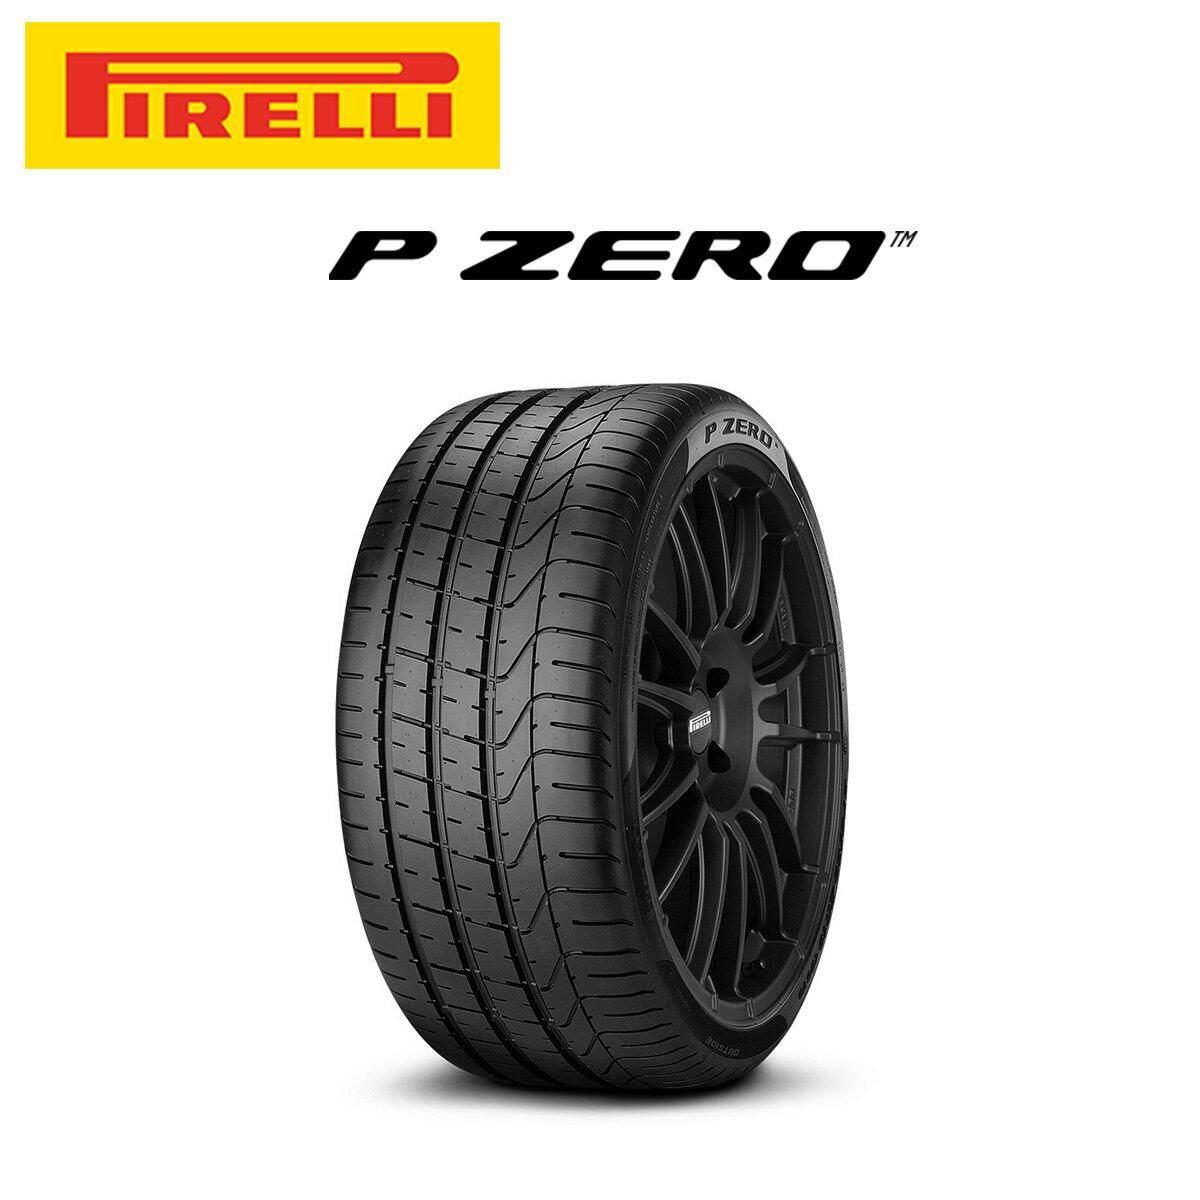 ピレリ PIRELLI P ZERO ピーゼロ 21インチ サマー タイヤ 4本 セット 245/35ZR21 96Y XL MGT:マセラティ承認タイヤ 2216900